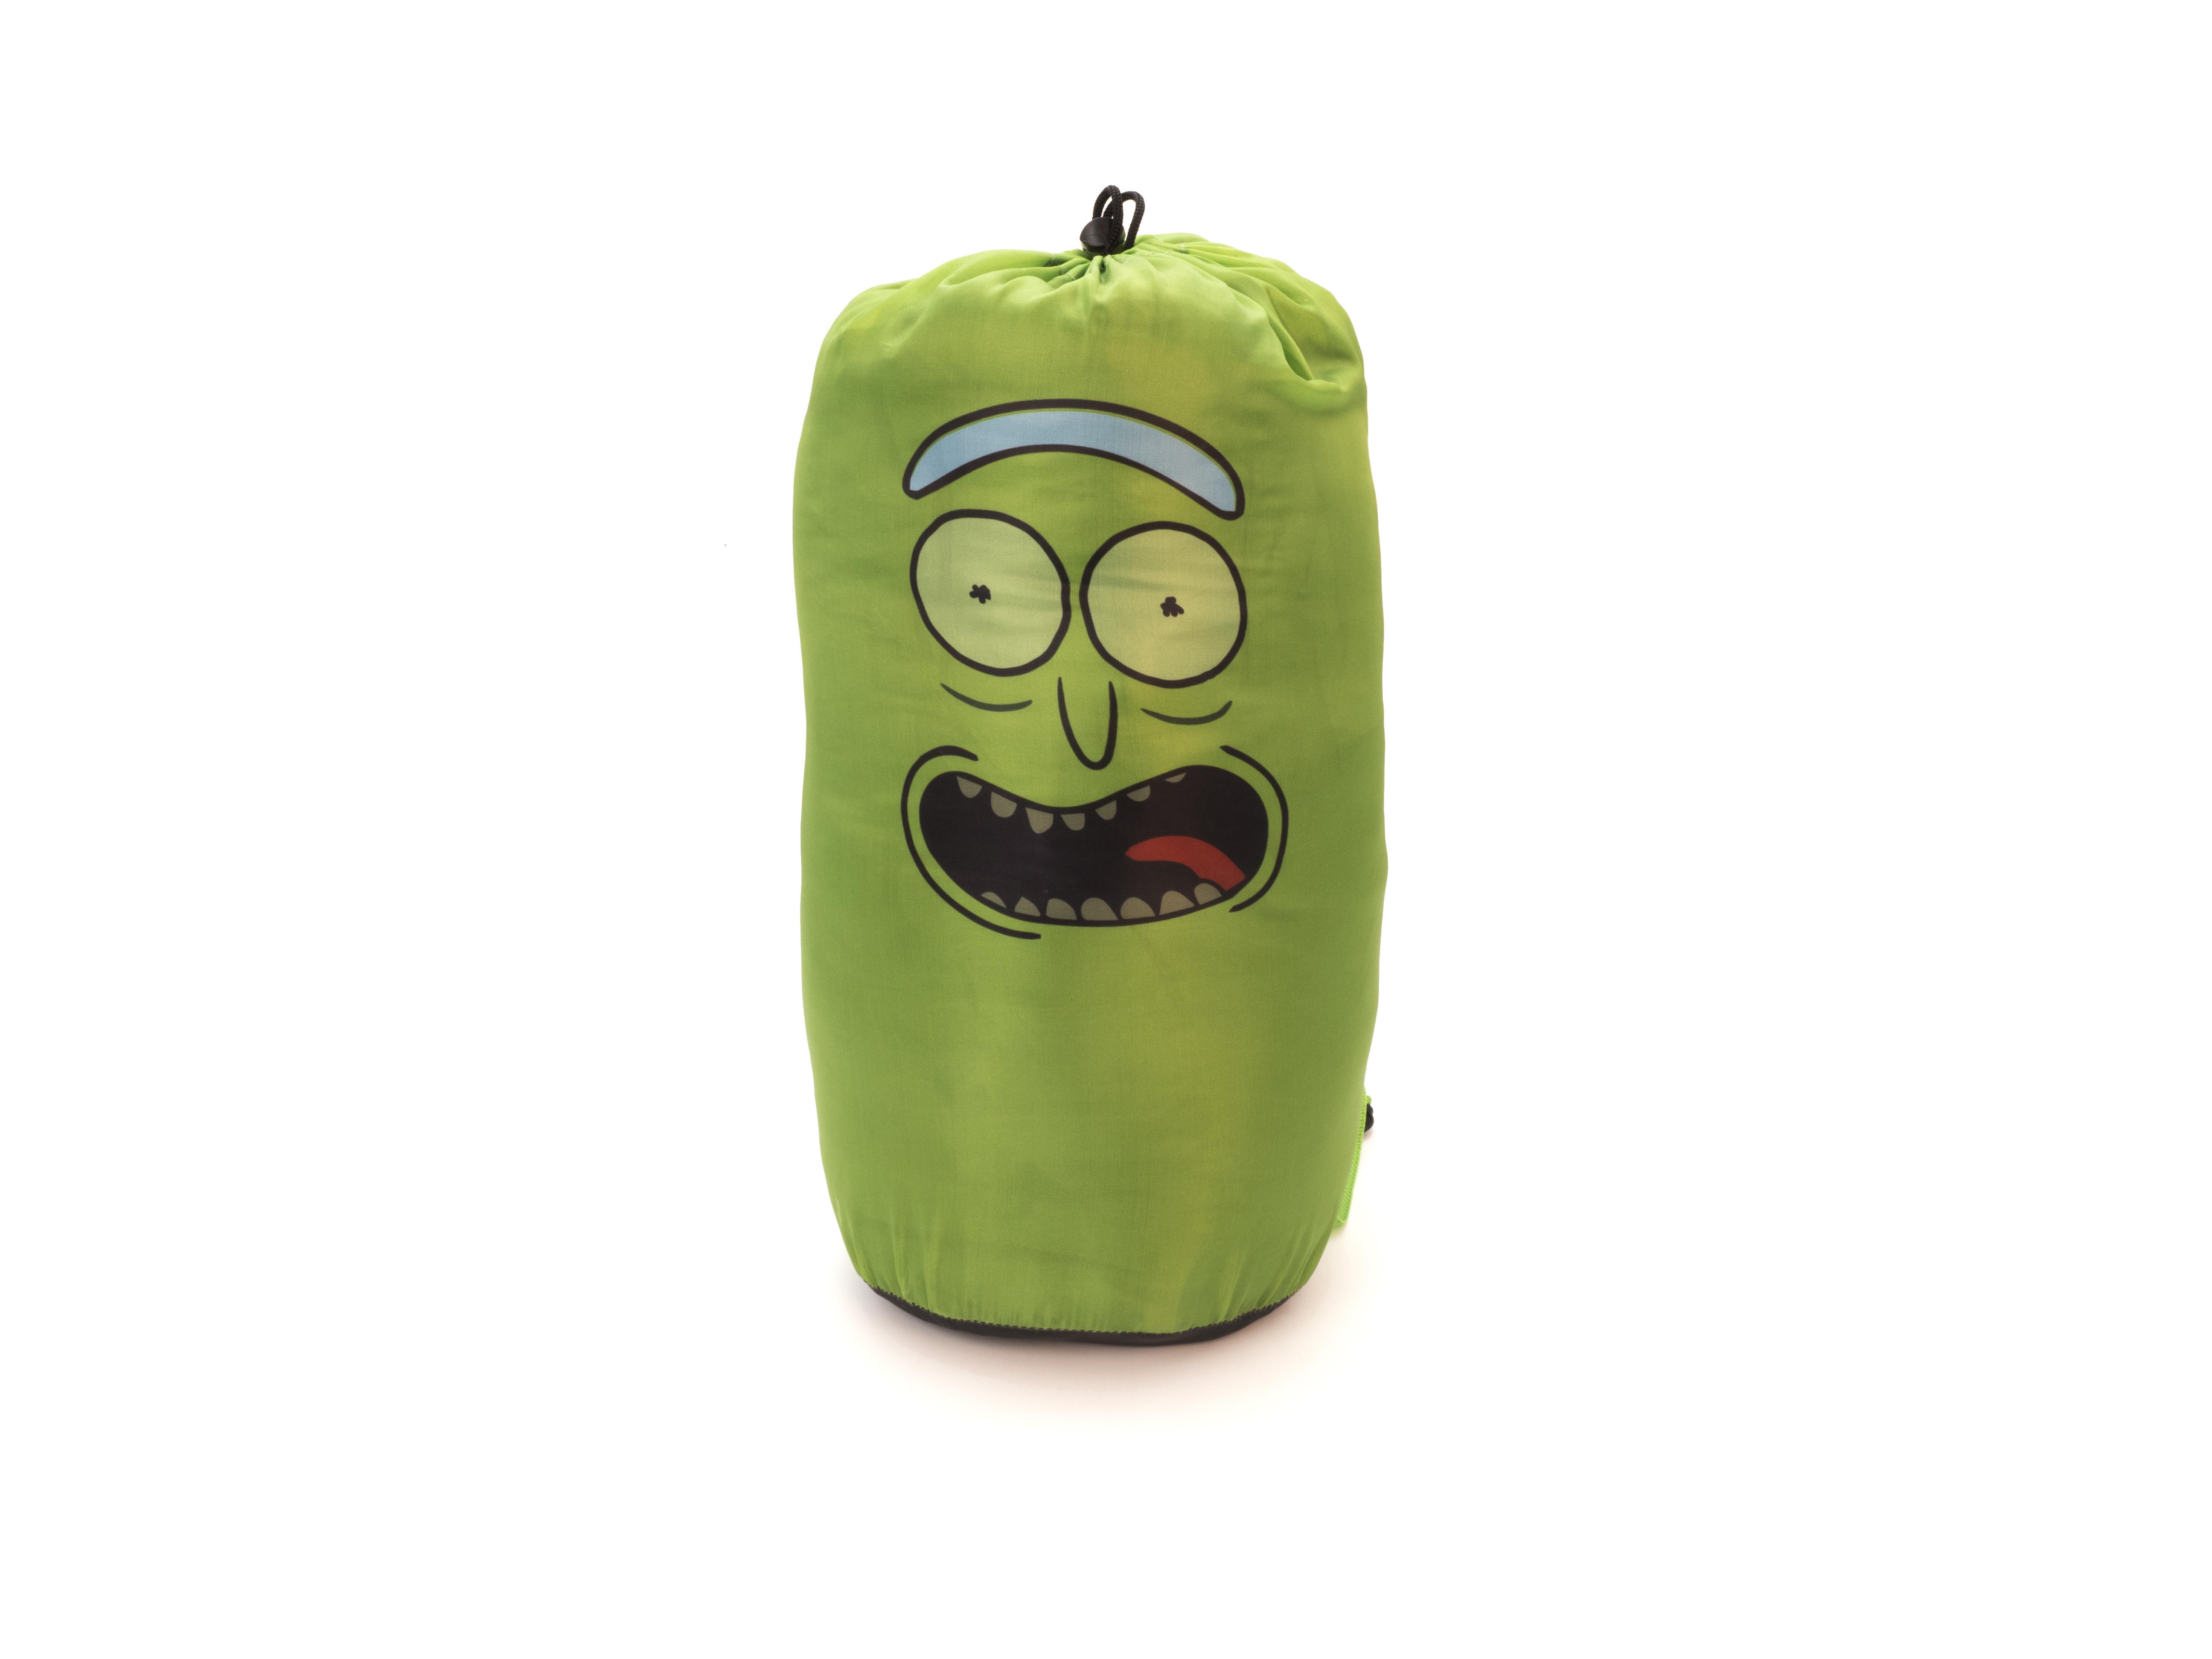 ksij_pickle_rick_sleeping_bag_bag1